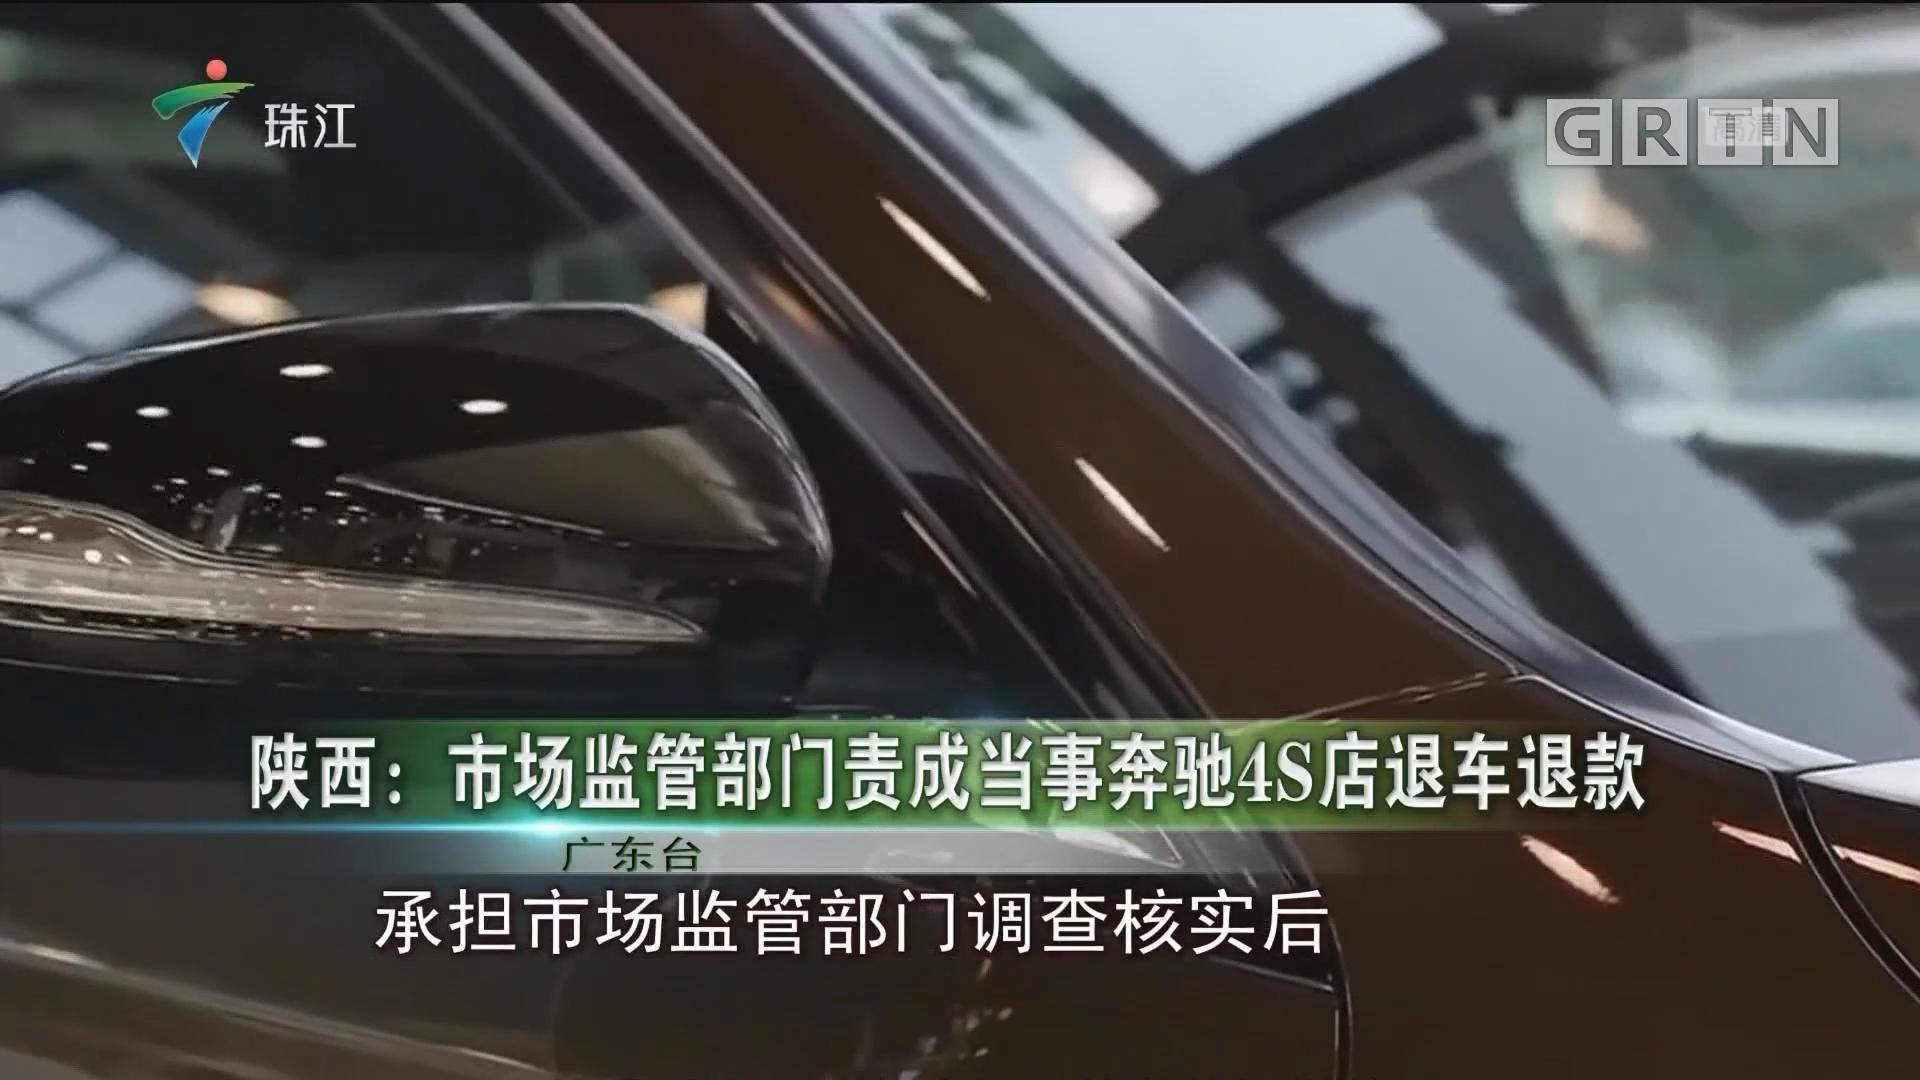 陕西:市场监管部门责成当事奔驰4S店退车退款